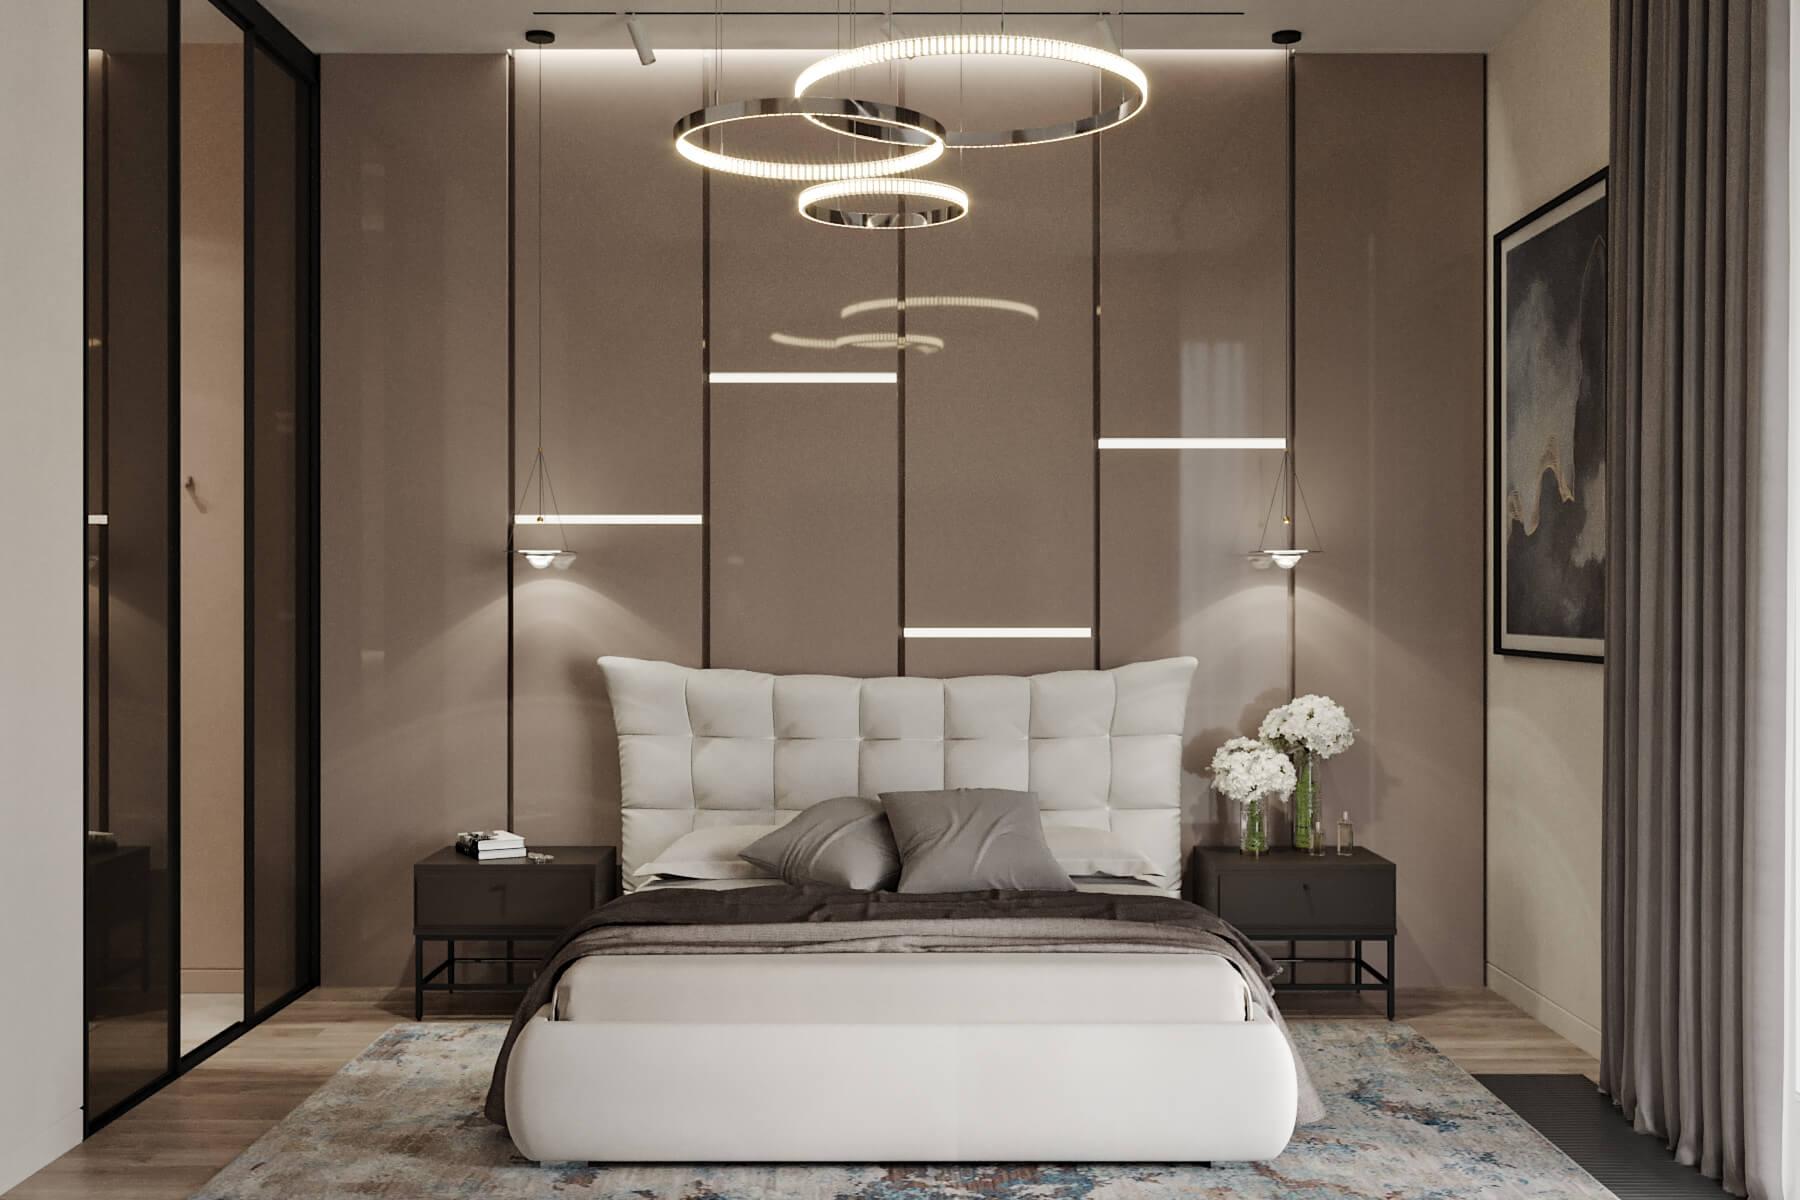 zilart_master-bedroom_20.08.2020_01_01